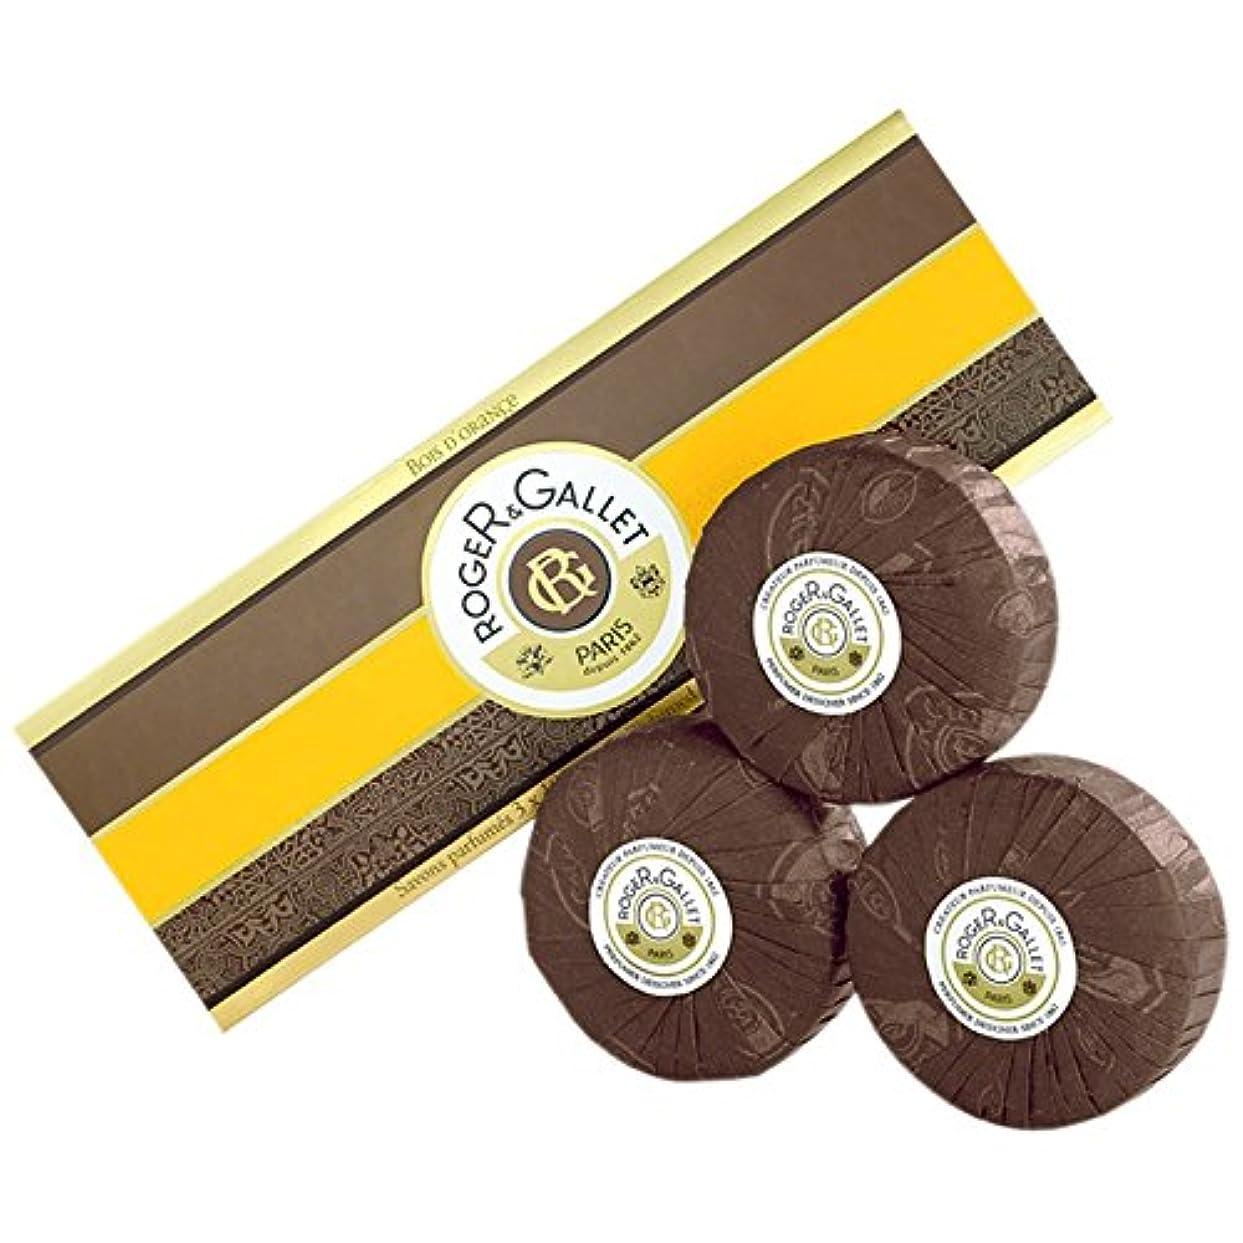 要求するバルセロナ高くロジャー&GalletのBoisのドールオレンジソープ3つのX 100グラム (Roger & Gallet) (x6) - Roger & Gallet Bois D'Orange Soap 3 x 100g (Pack of 6) [並行輸入品]